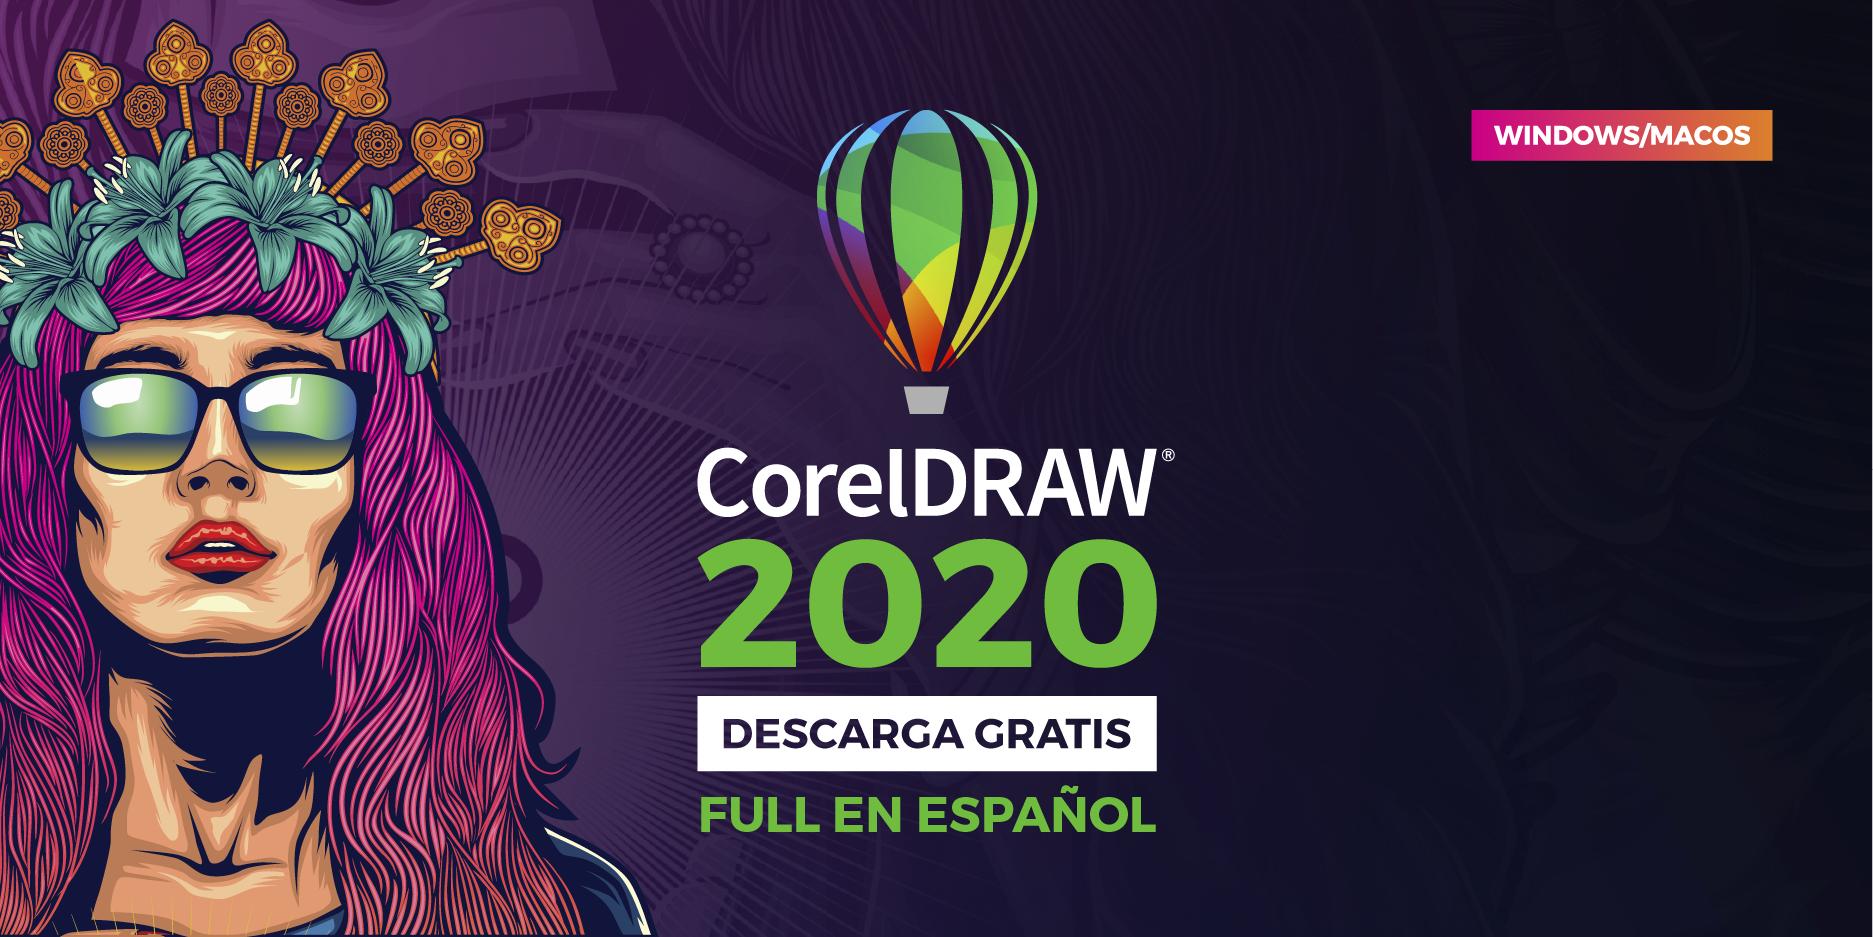 corel draw full crack 2020 para descargar en español